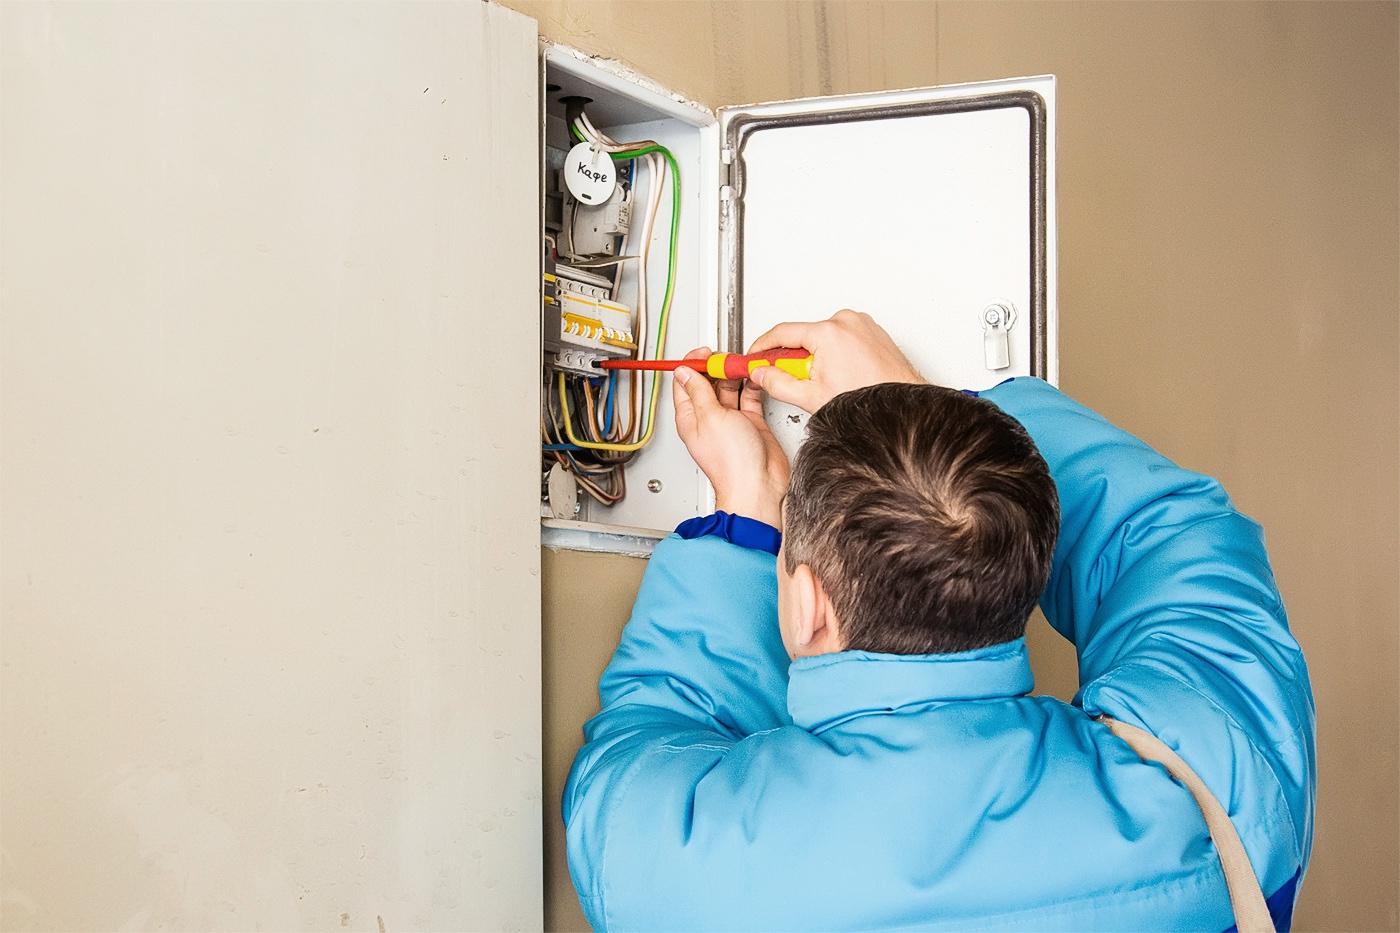 За чей счет меняется электросчетчик?